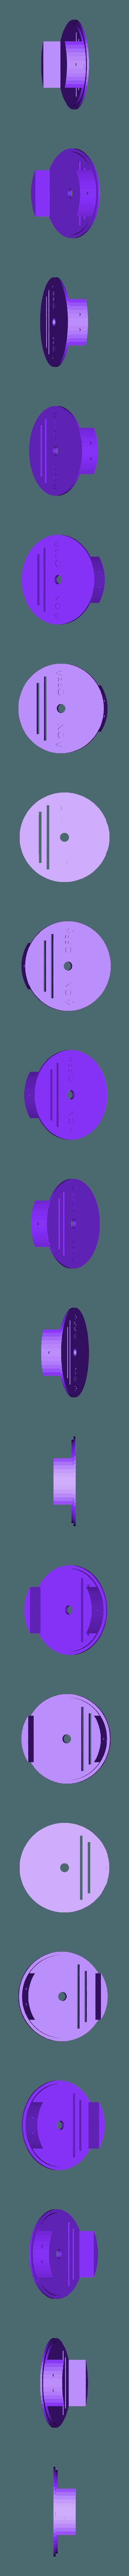 BSL_Tube_back_dimm.stl Download free STL file Bedside Lamp (Tube), LED 12V 2.5W • 3D printer model, Seabird